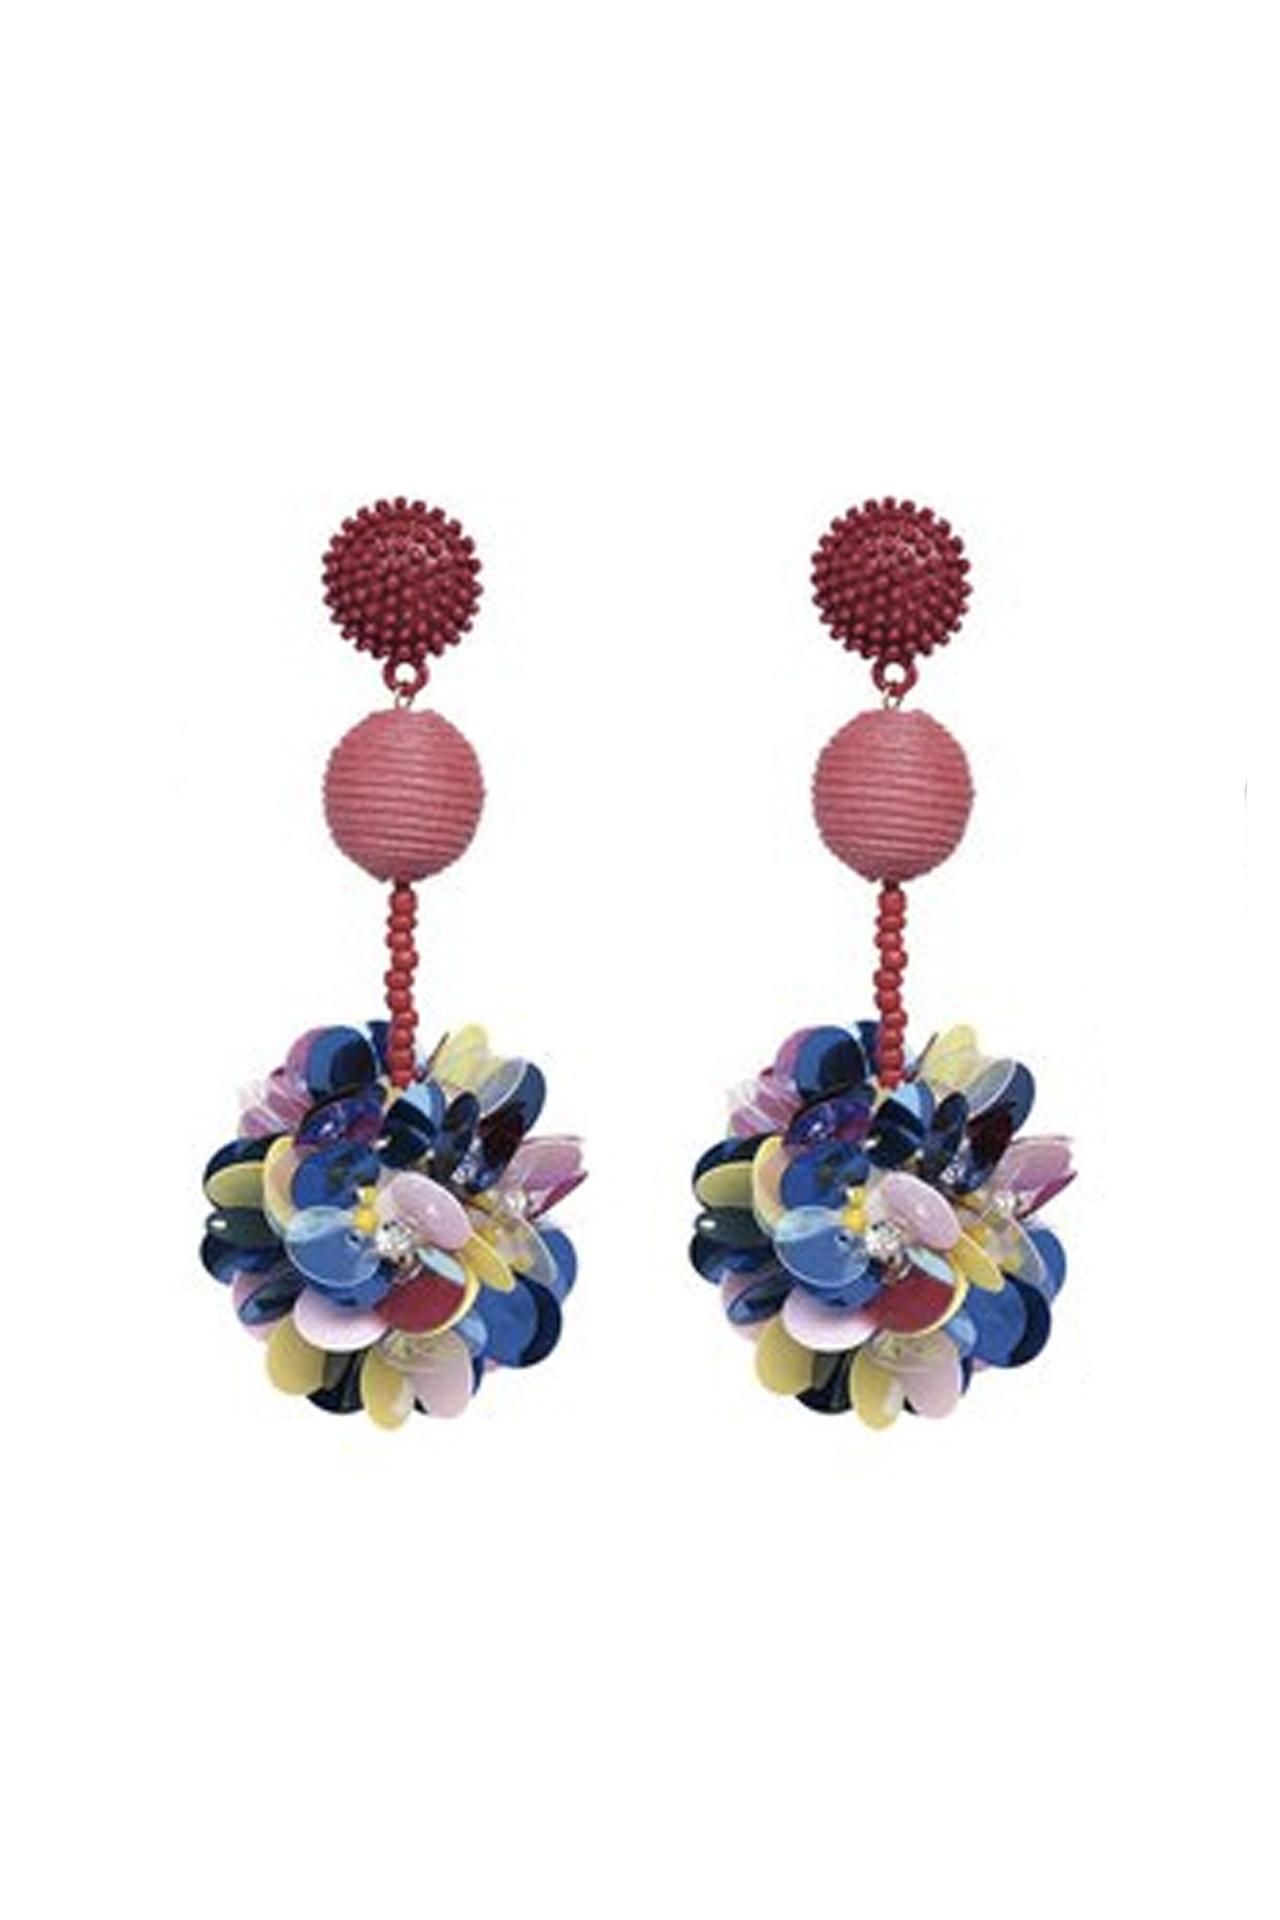 Aretes de flores de lentejuelas y mostacillas. Alto: 8.5 cm, ancho: 4 cm, peso: 32 gr.